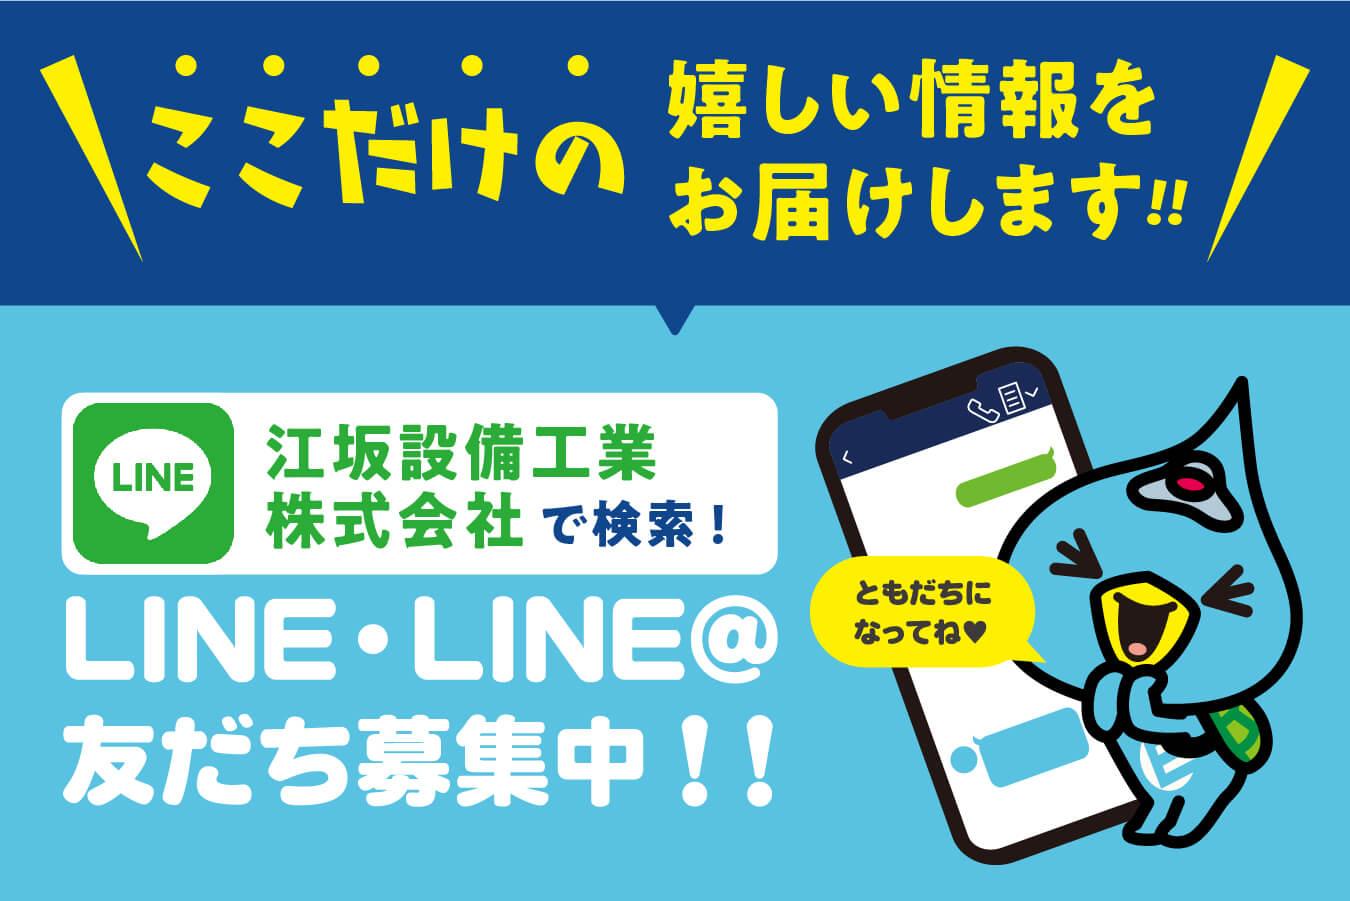 LINE・LINE@ 友だち募集中!!ここだけの嬉しい情報をお届けします!!